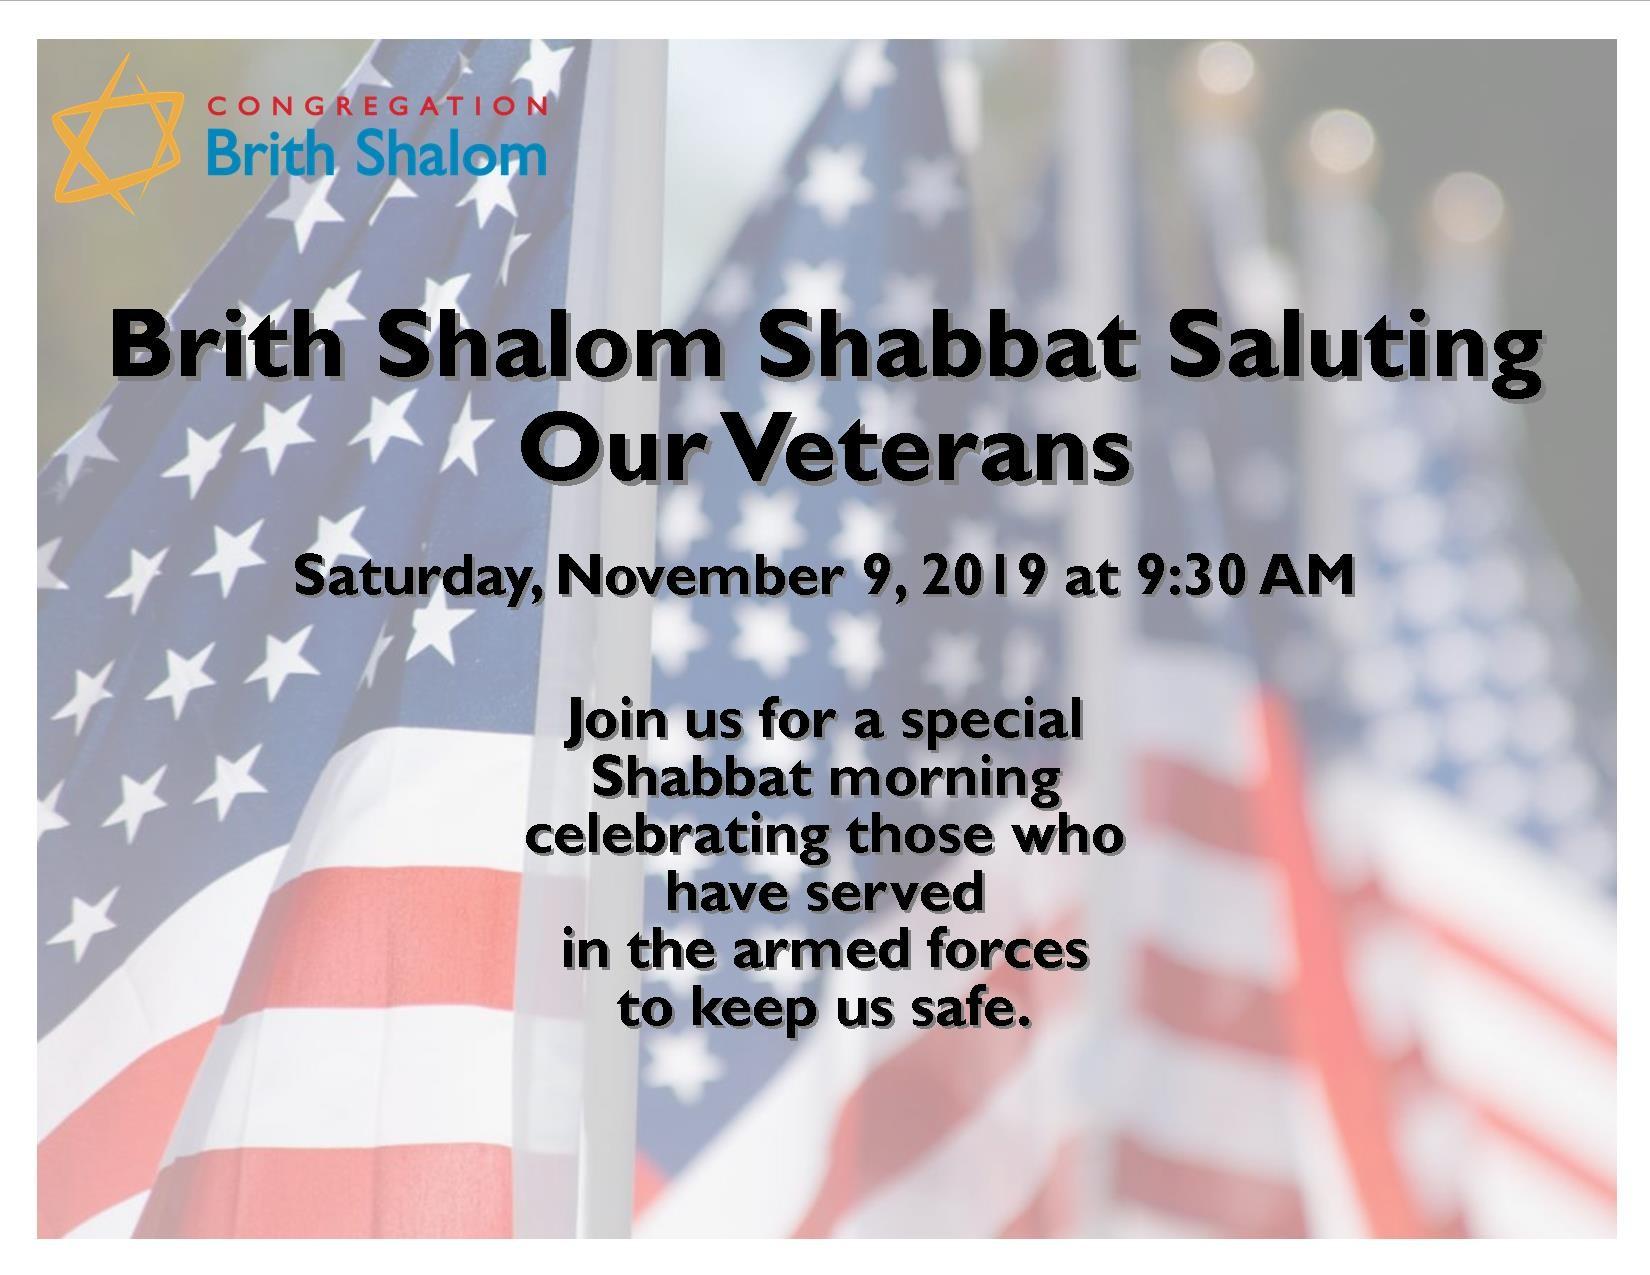 Banner Image for Shabbat Saluting Our Veterans